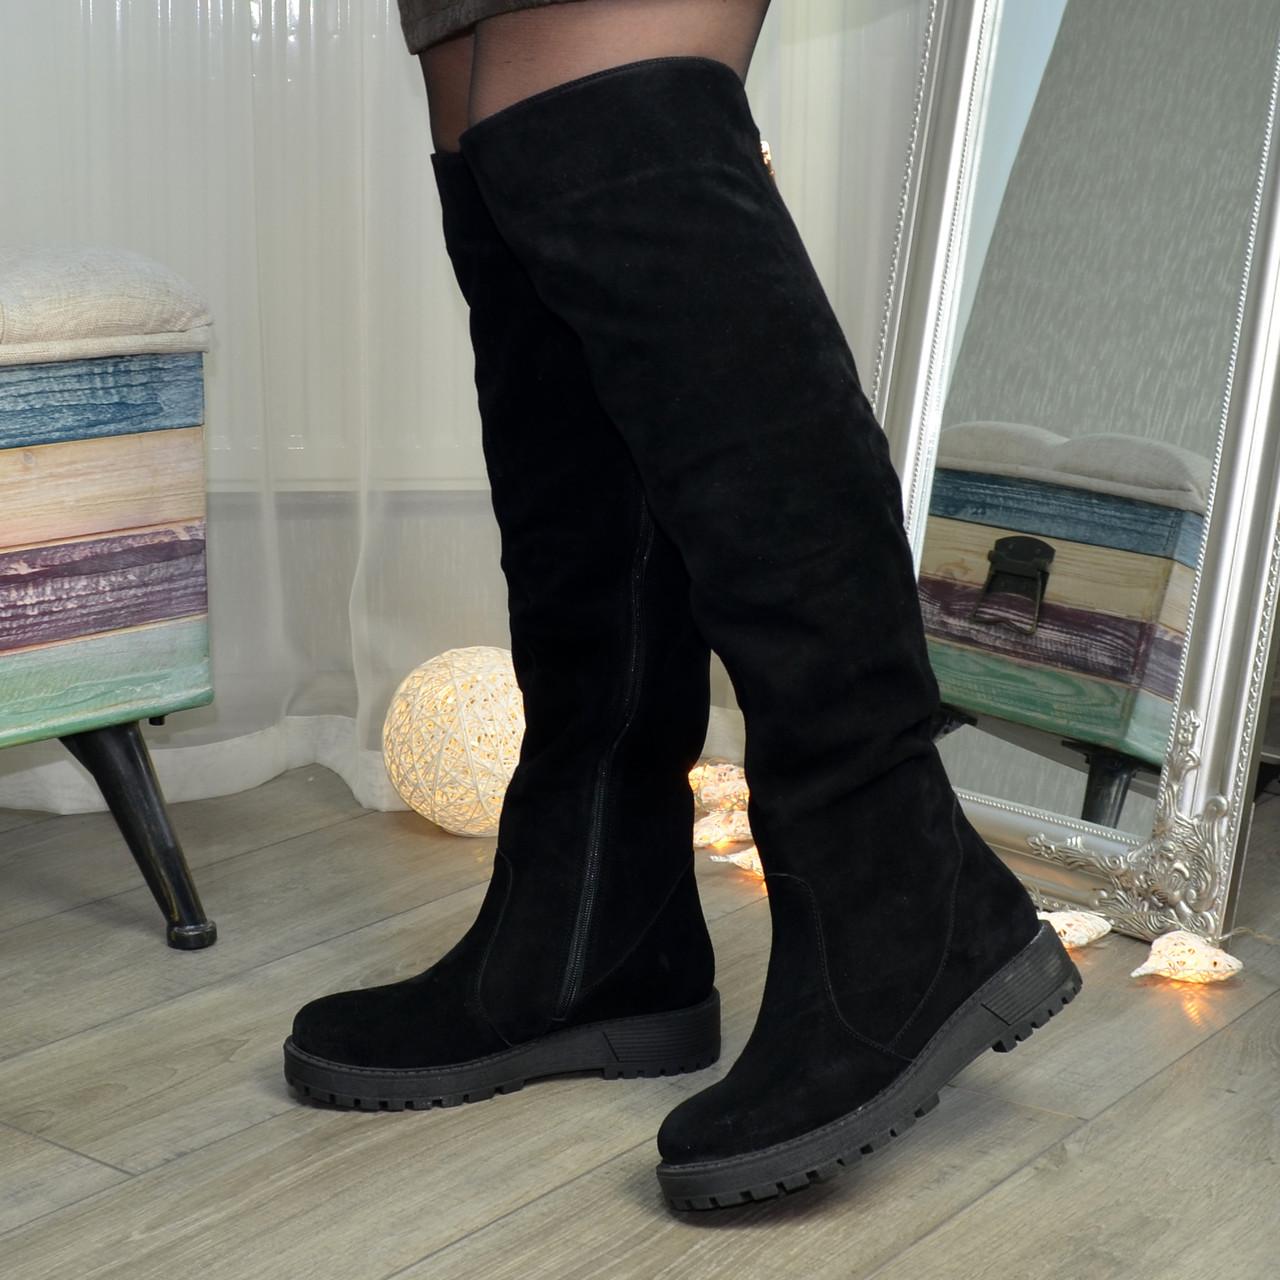 Ботфорты  женские замшевые на утолщенной подошве, цвет черный